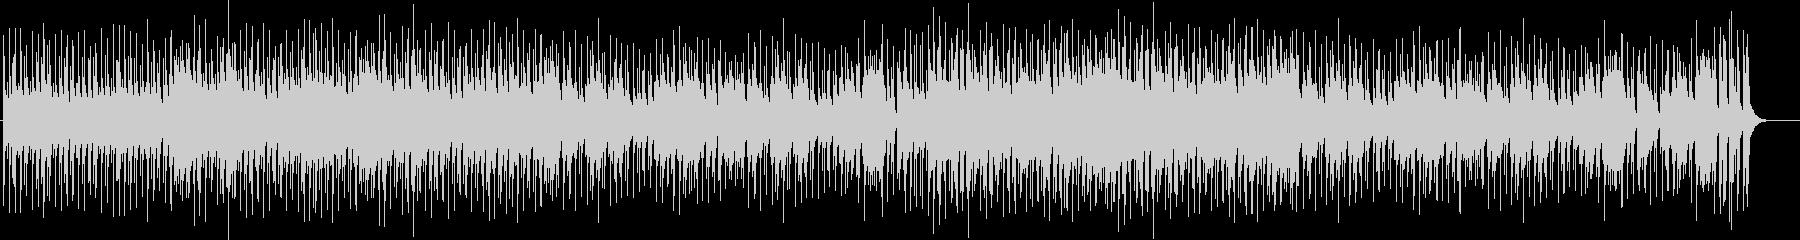 カントリー調のレトロで落ち着く曲の未再生の波形